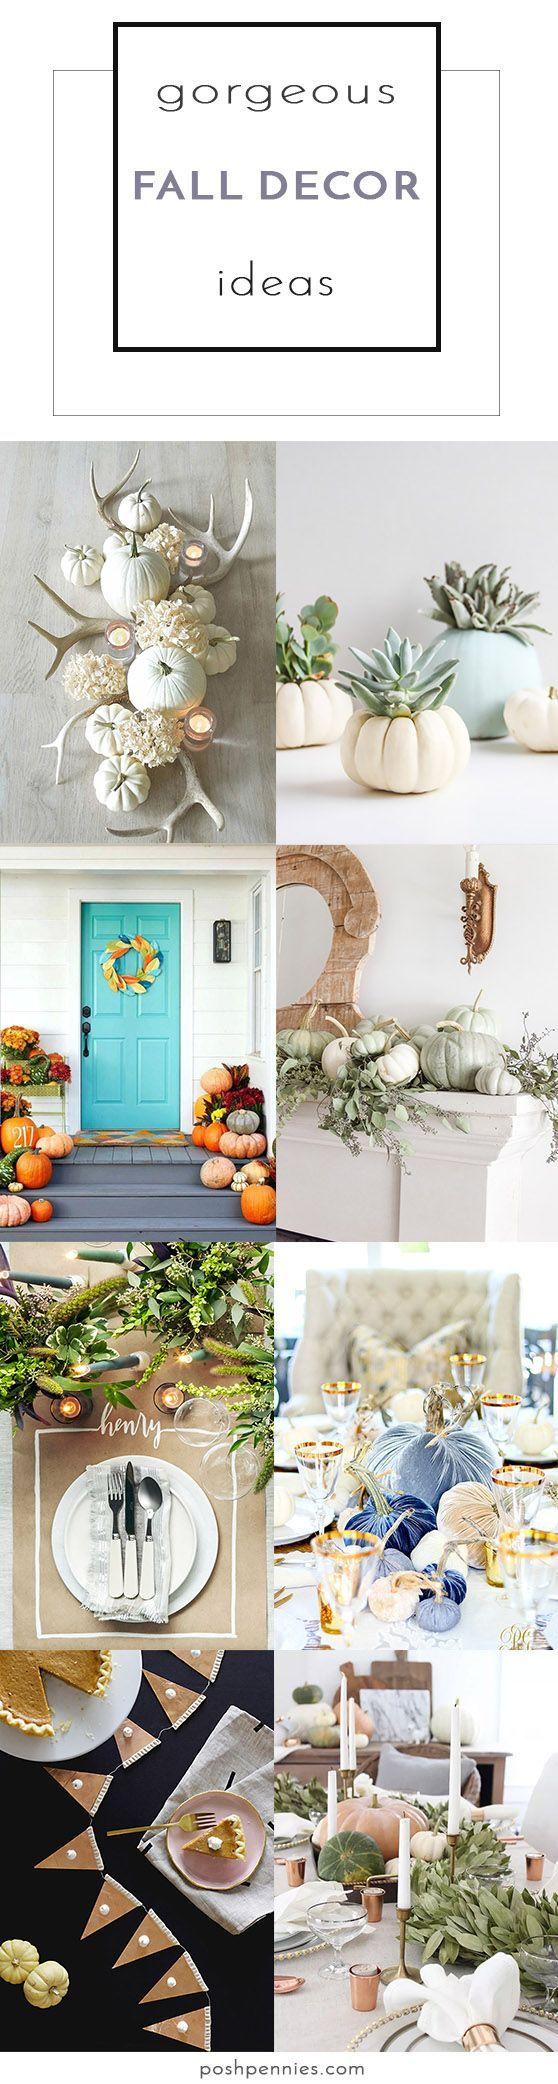 Fall Home Decor Ideas That Actually Look Good | Fall Decor ...